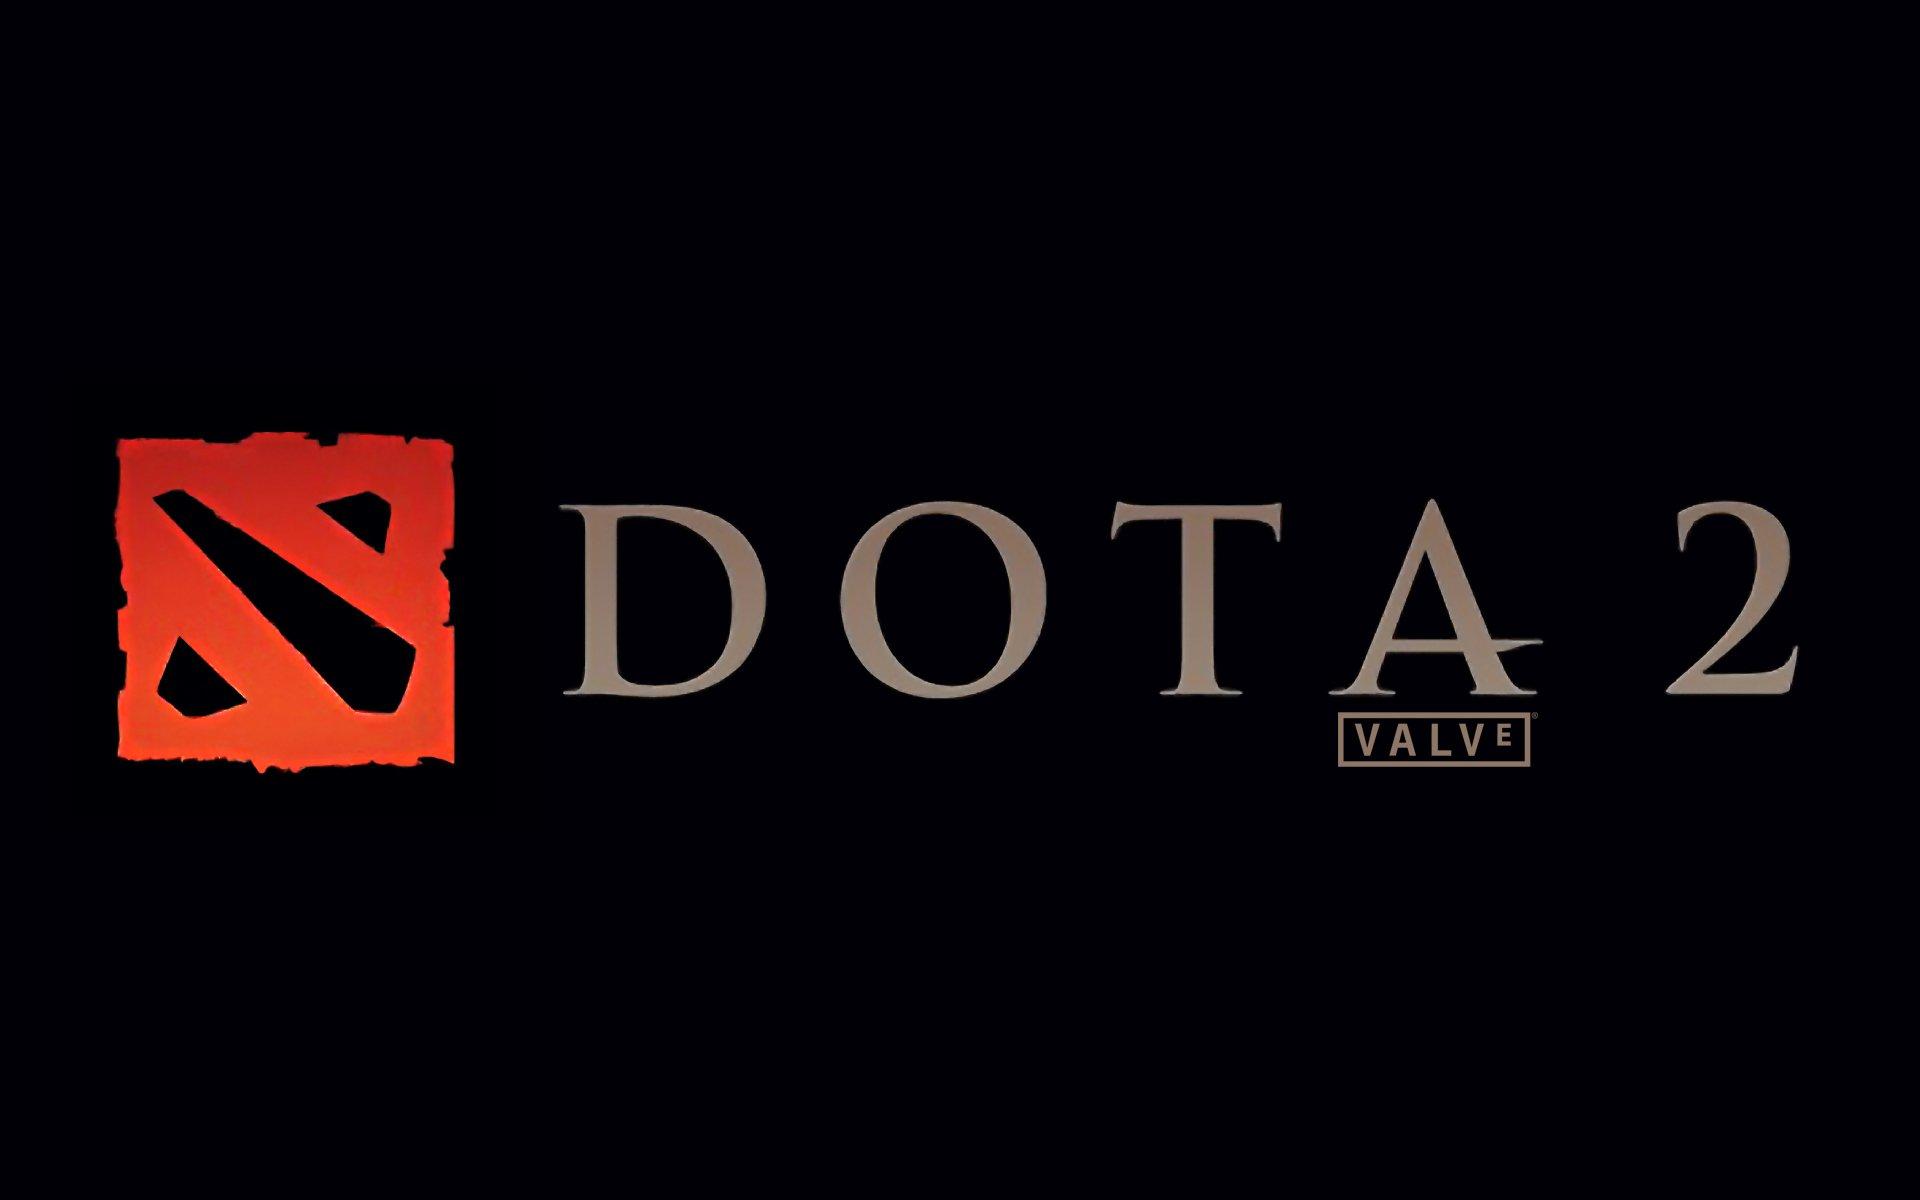 Западные игроки предпочитают Dota 2. League of Legends ушла на второе место. Великий WoW - на третье. - Изображение 1